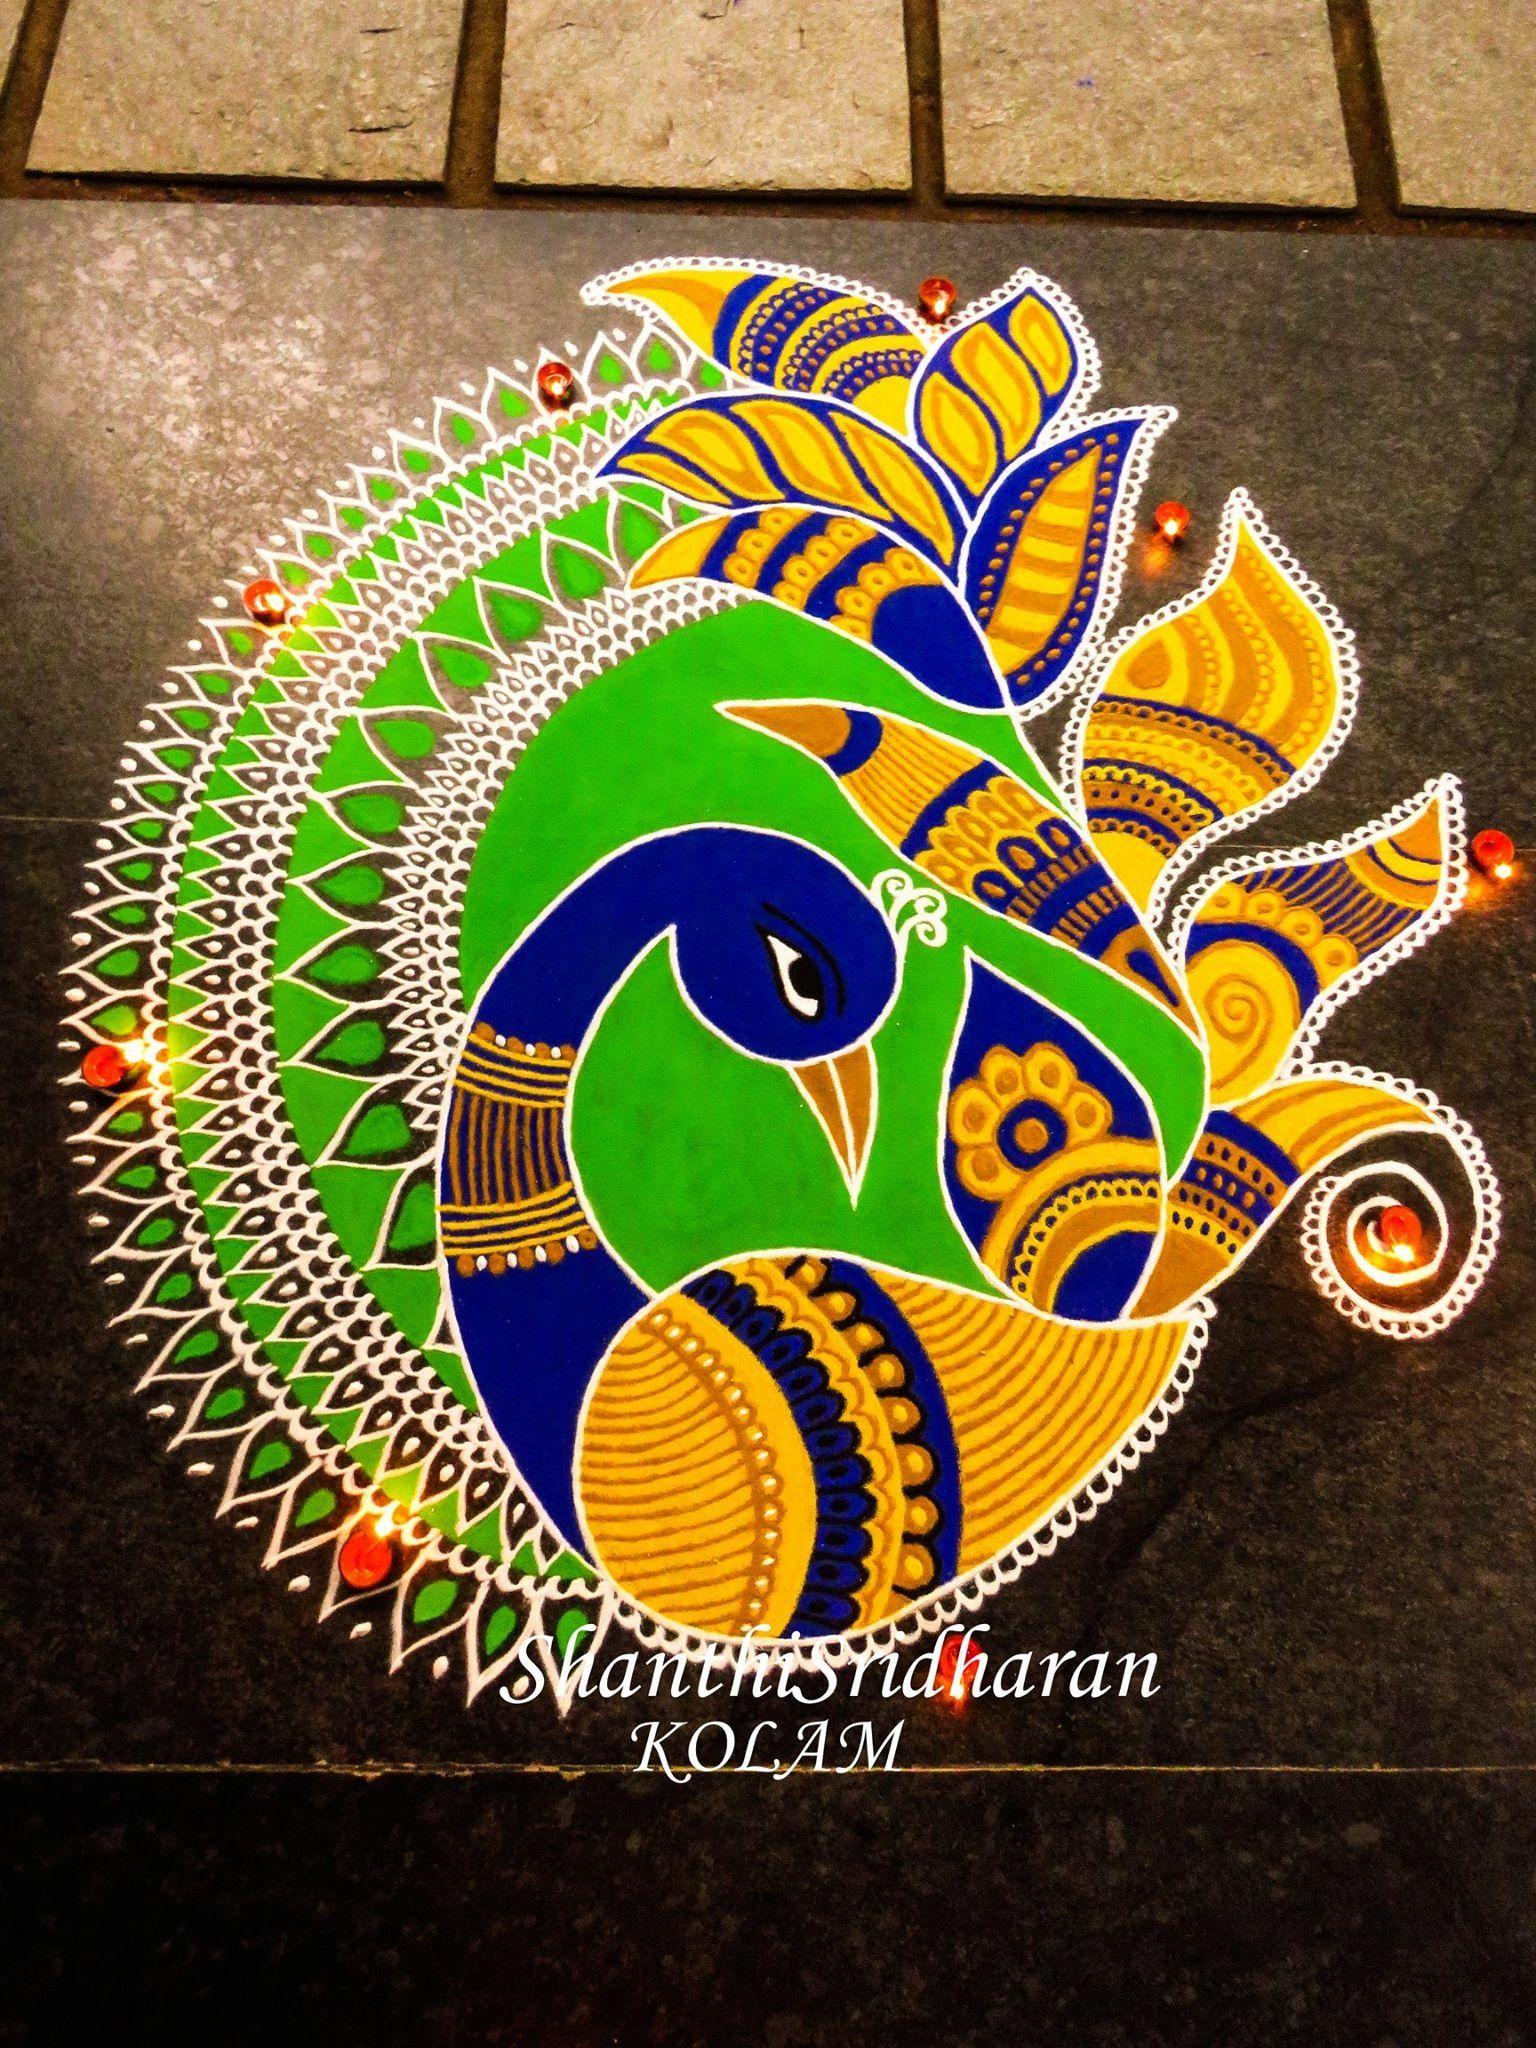 kolammandalapeacock Rangoli designs images, Bird